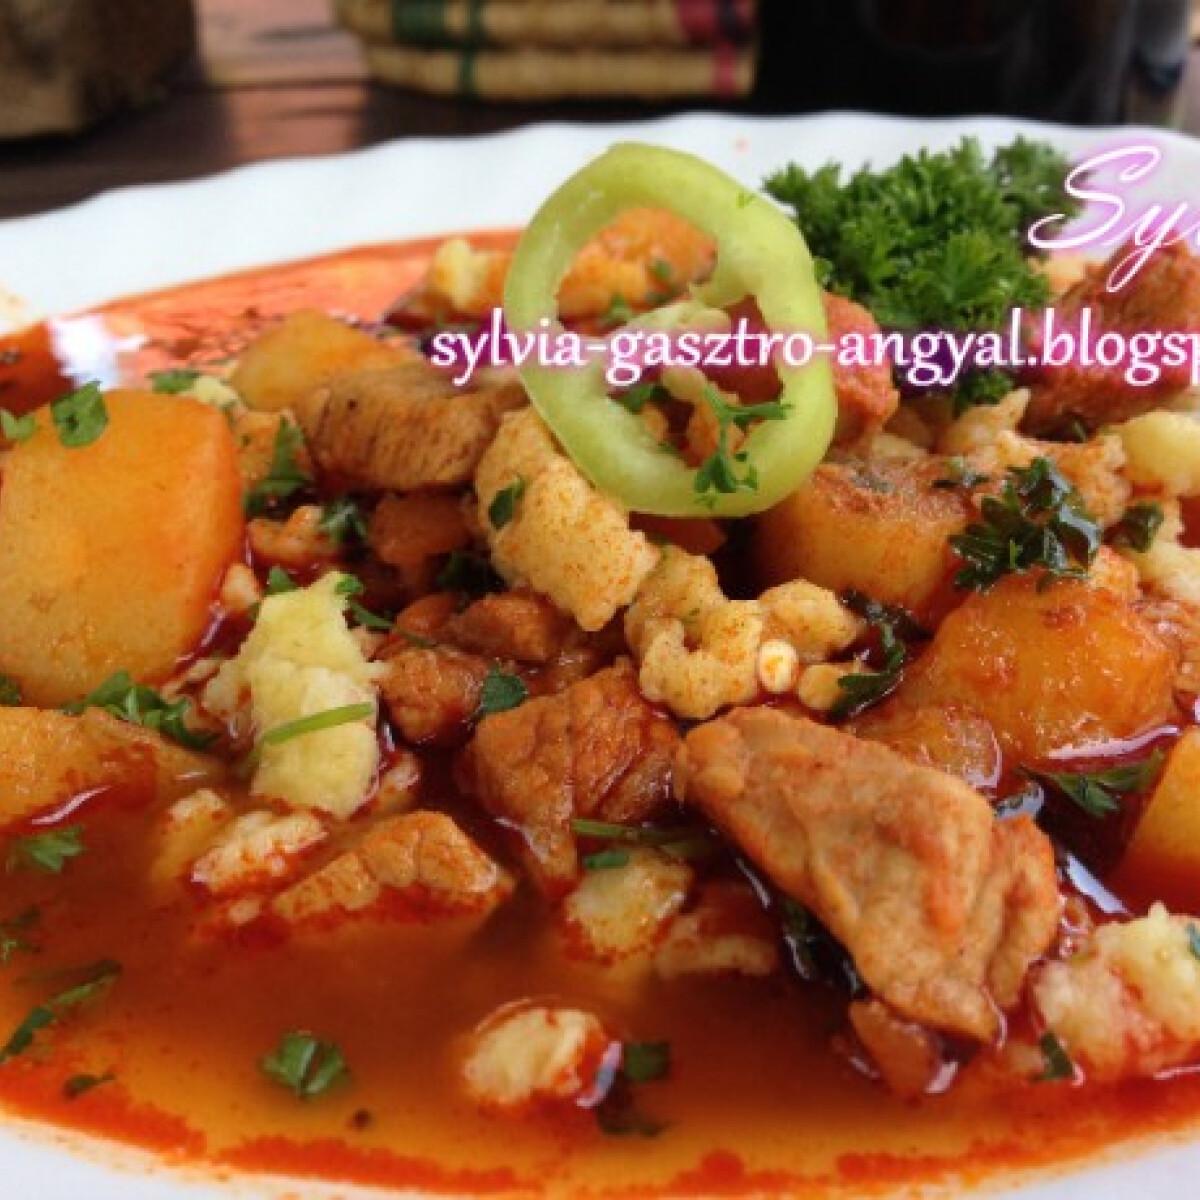 Ezen a képen: Bográcsgulyás Sylvia Gasztro Angyal konyhájából